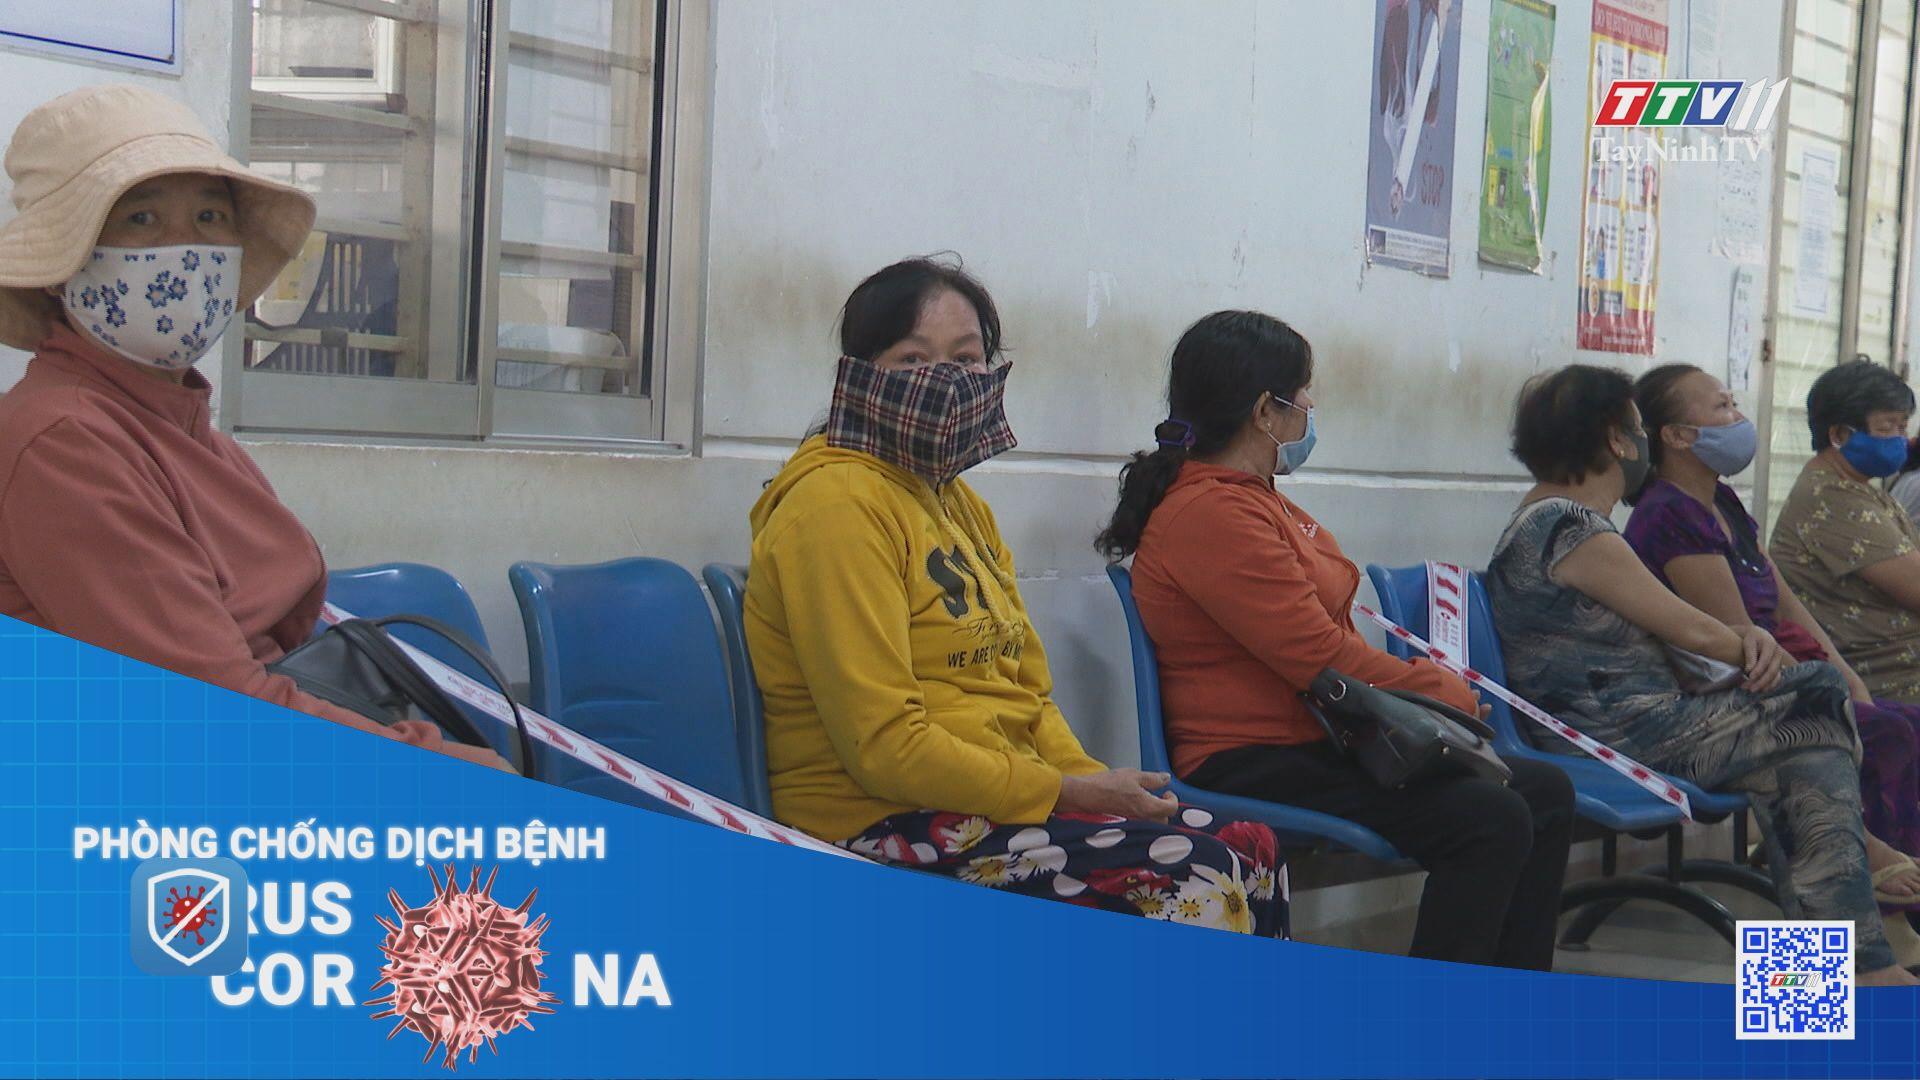 Cần thay đổi thói quen thăm, nuôi bệnh nhân trong dịch bệnh Covid-19 | THÔNG TIN DỊCH CÚM COVID-19 | TayNinhTV